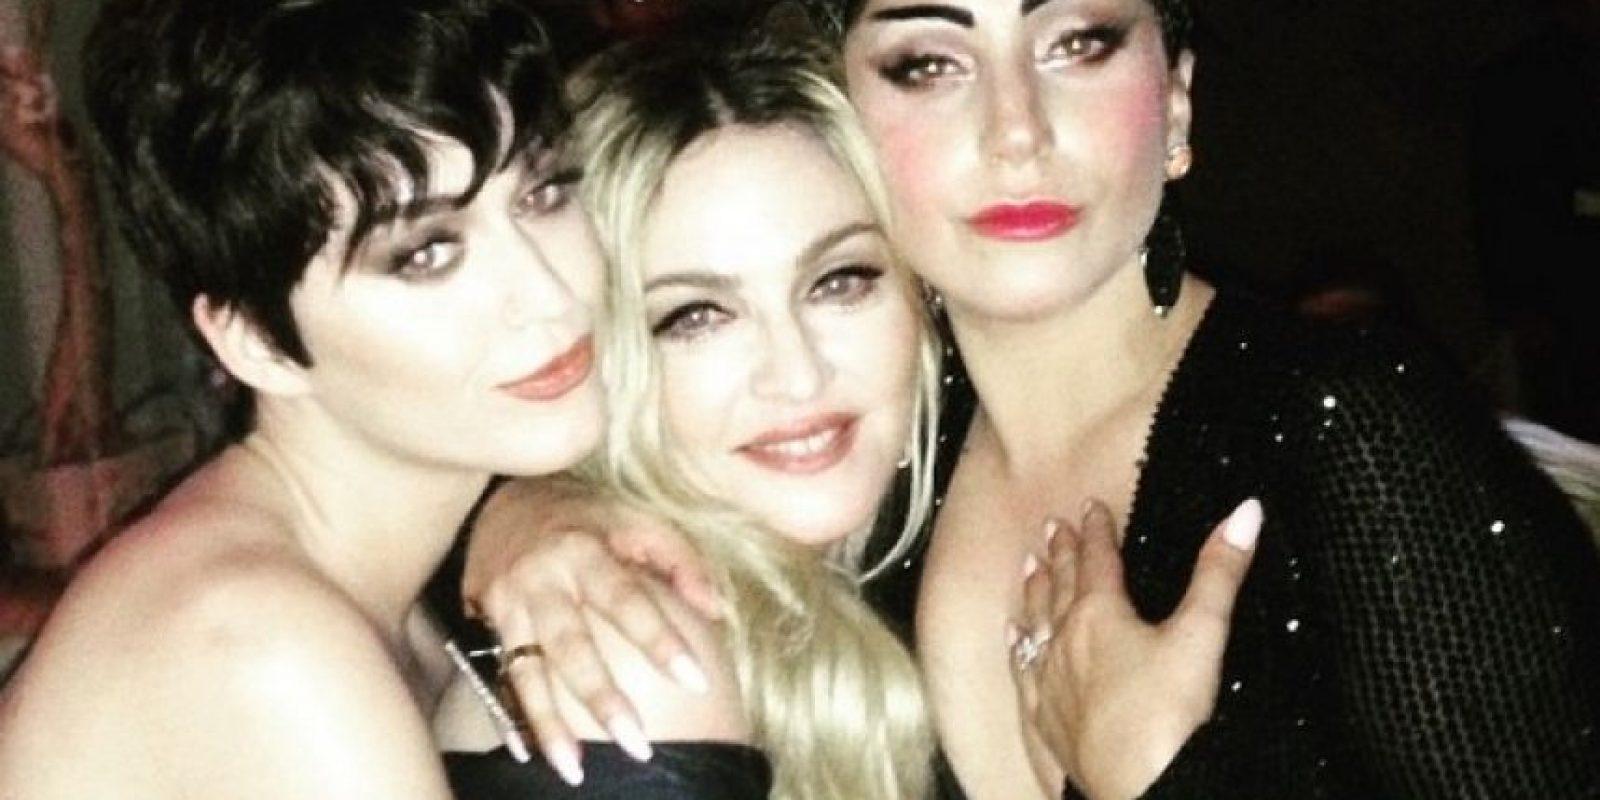 Madonna no quiso quedarse atrás y compartió una imagen junto a Katy Perry y Lady Gaga Foto:Instagram/Madonna